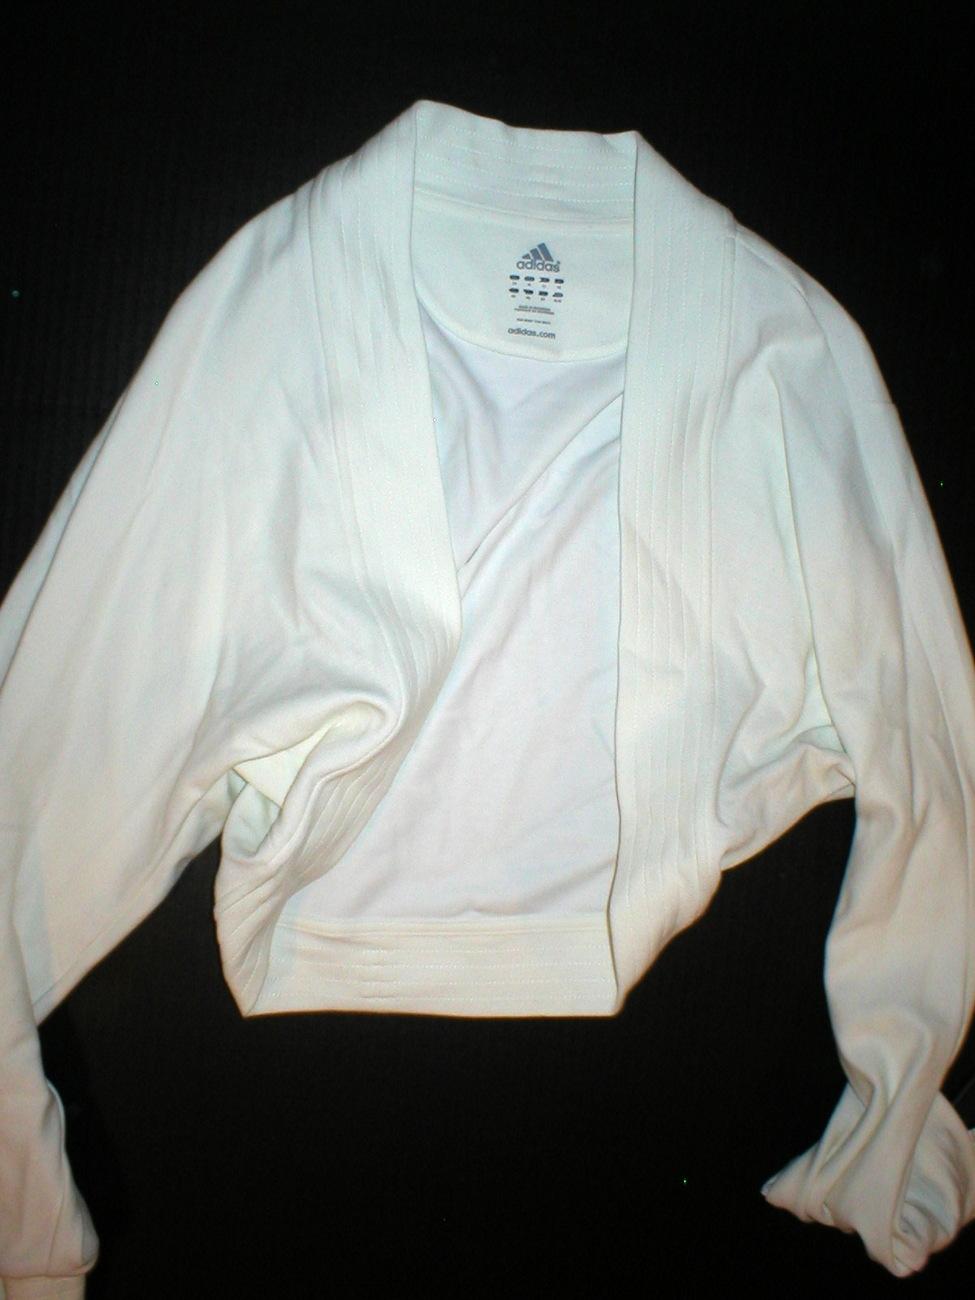 NWT Womens Adidas shrug ivory white Medium jacket M